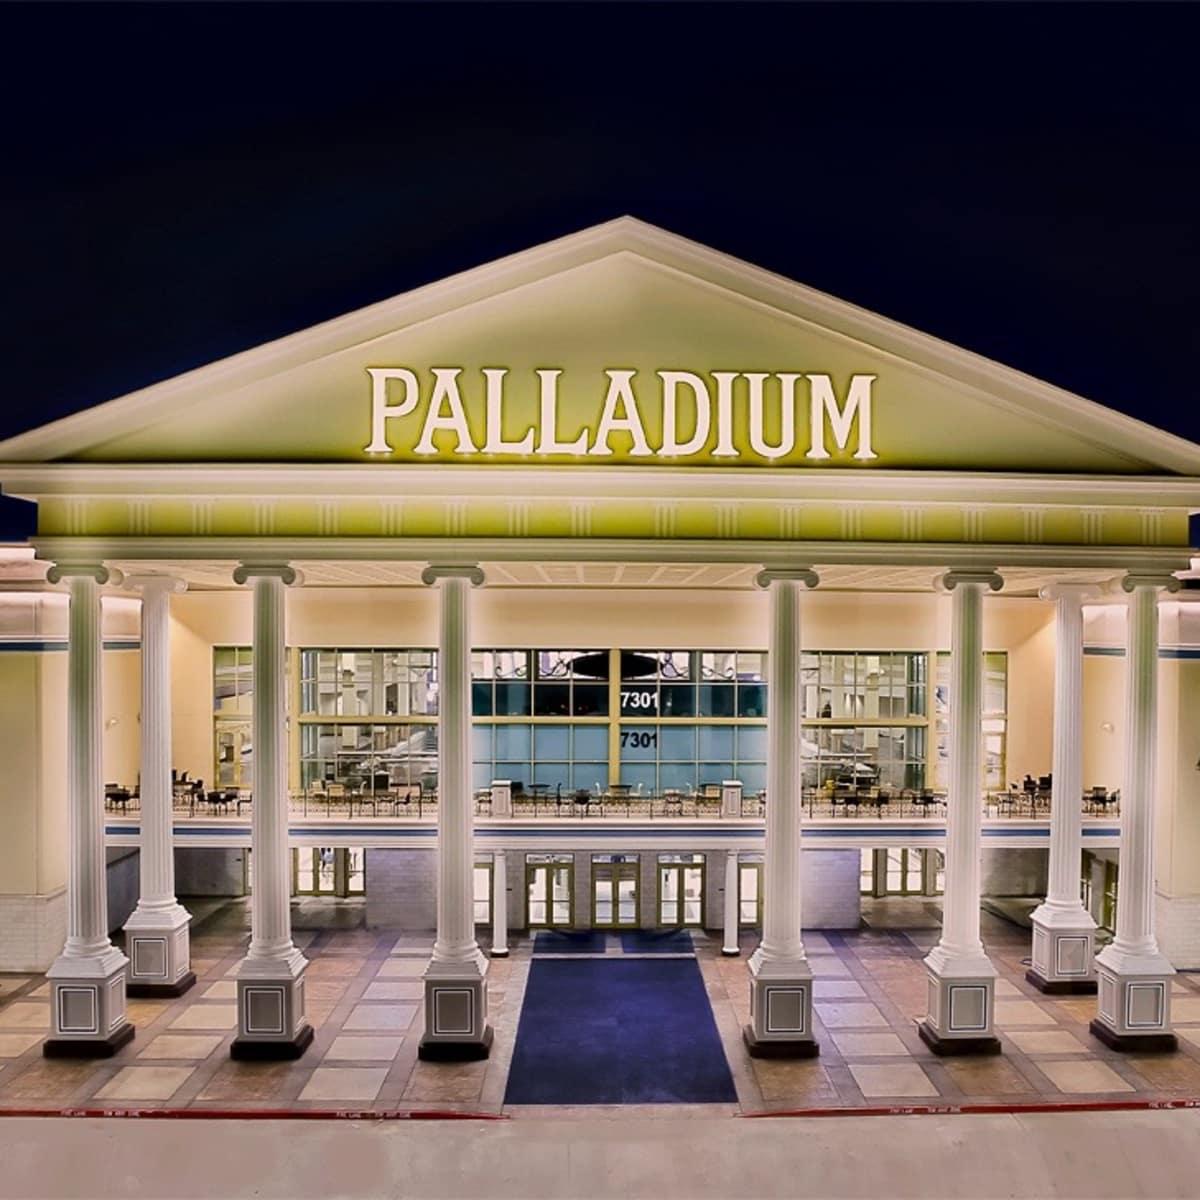 Santikos Palladium theaters in Richmond